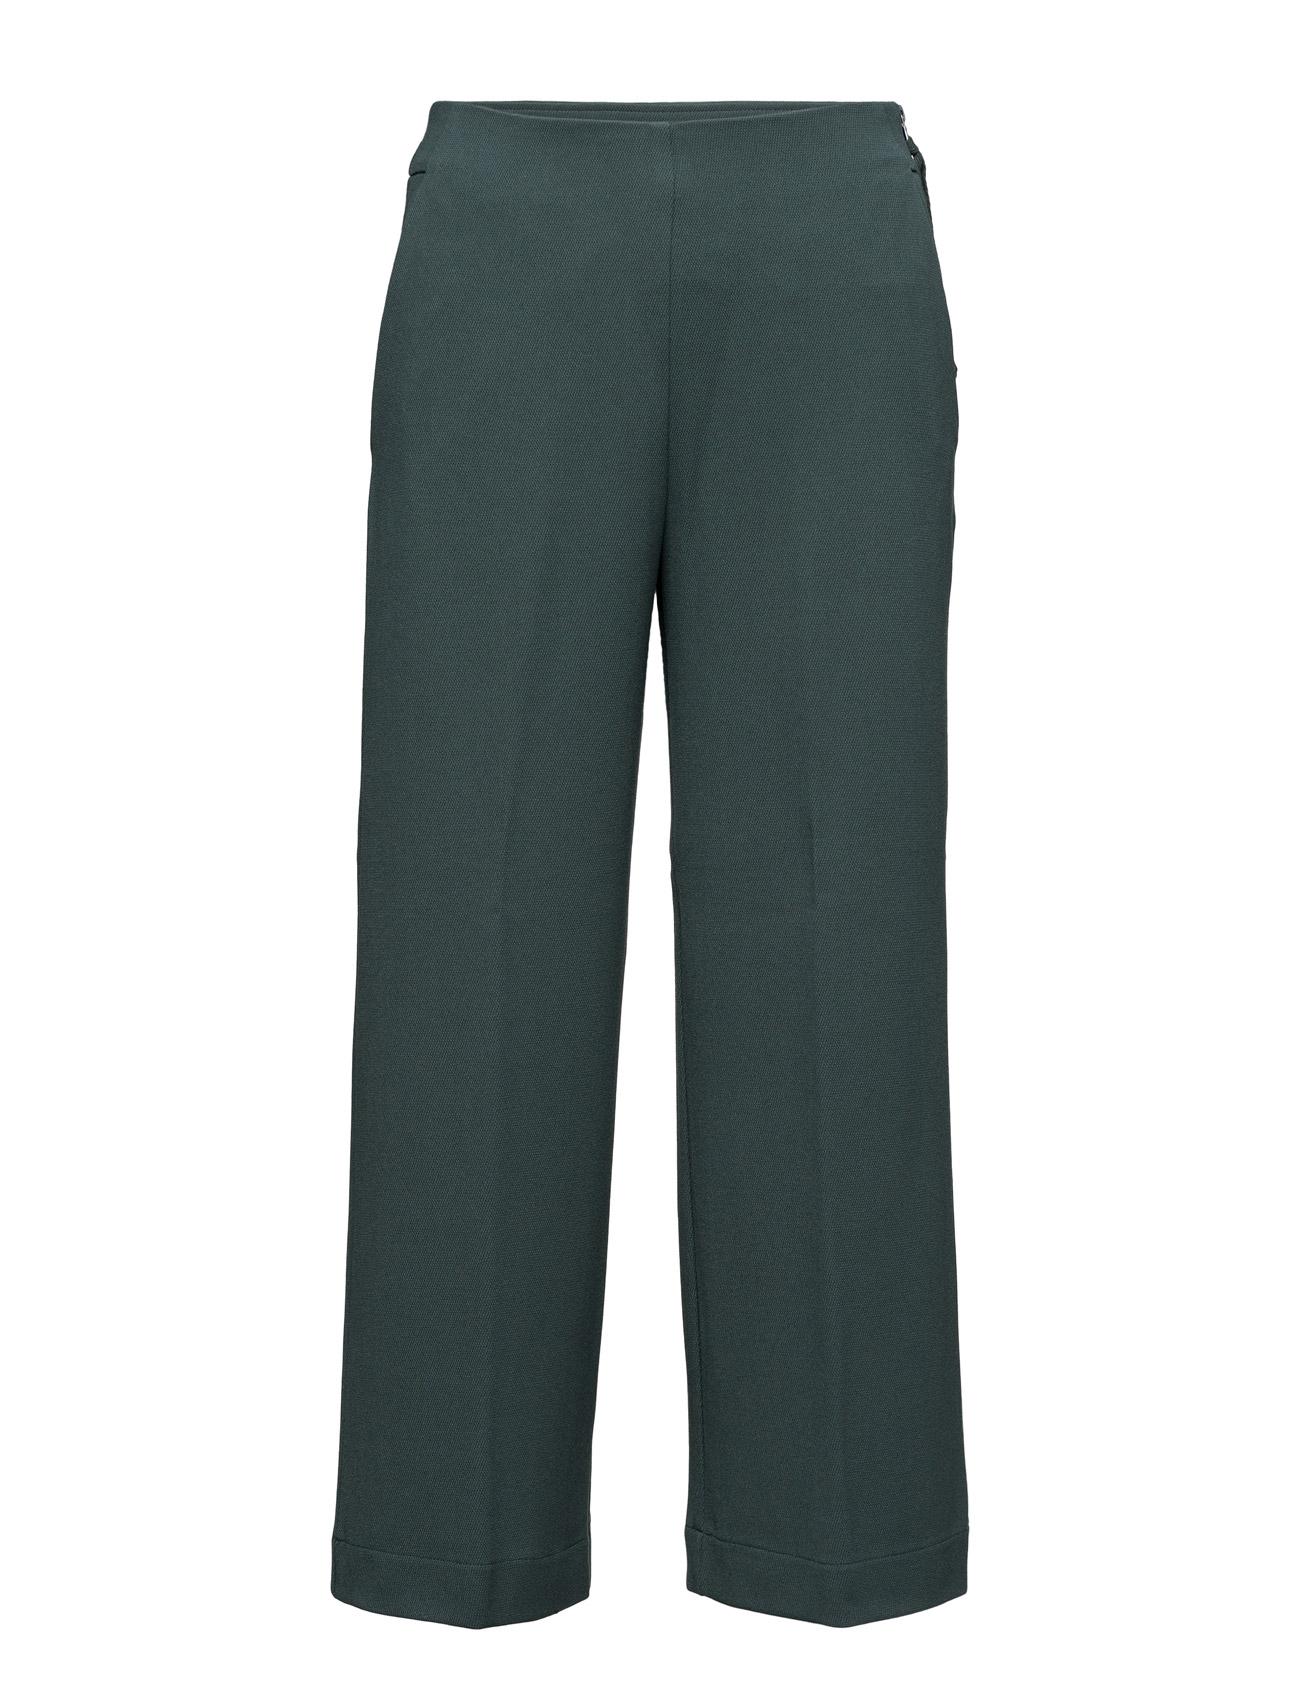 Trousers United Colors of Benetton Trompetbukser til Damer i